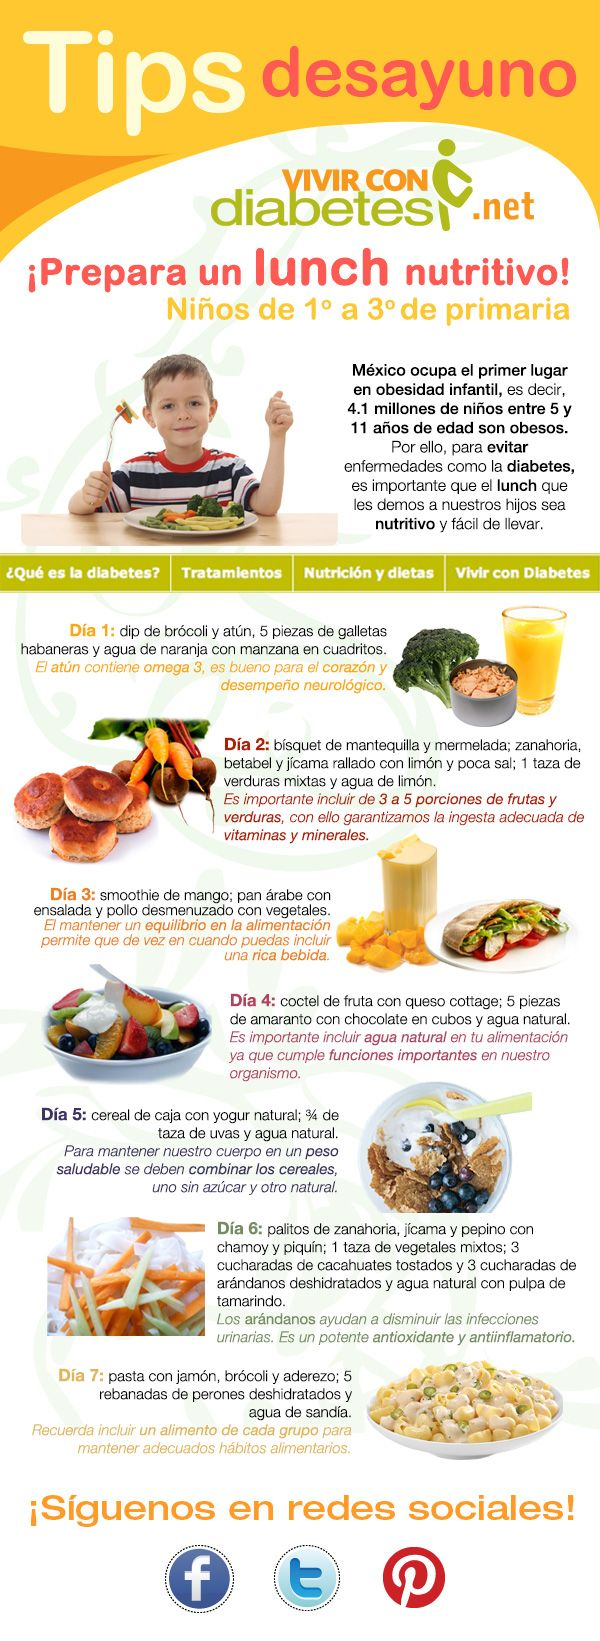 Consejos para preparar un lunch nutritivo. Niños de 1º a 3º de primaria.